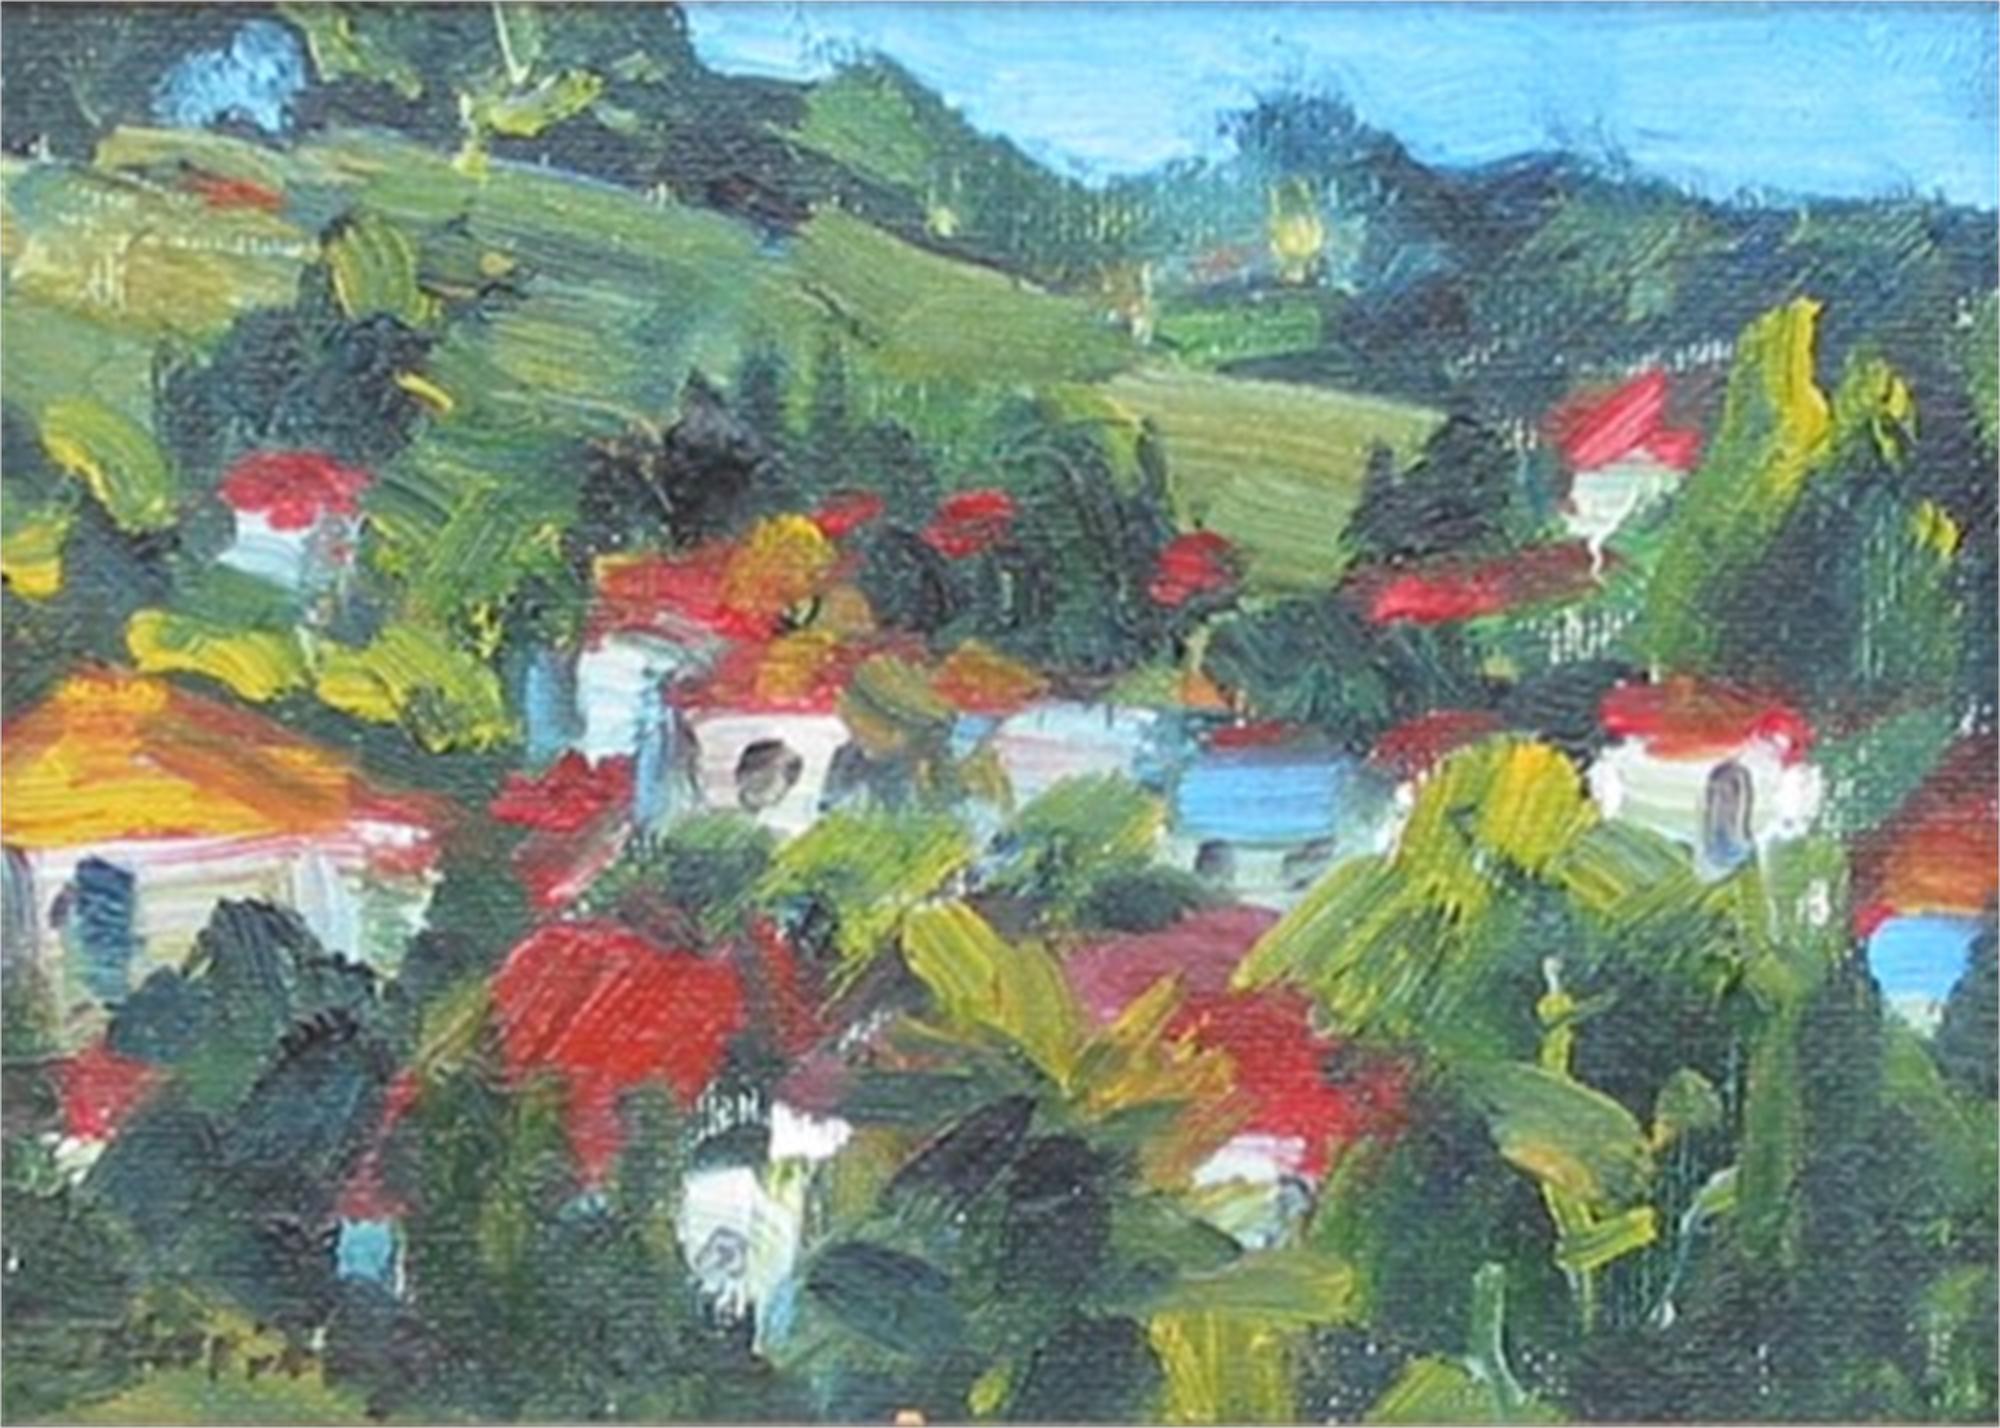 RED ROOFS I by ZAVALOVA